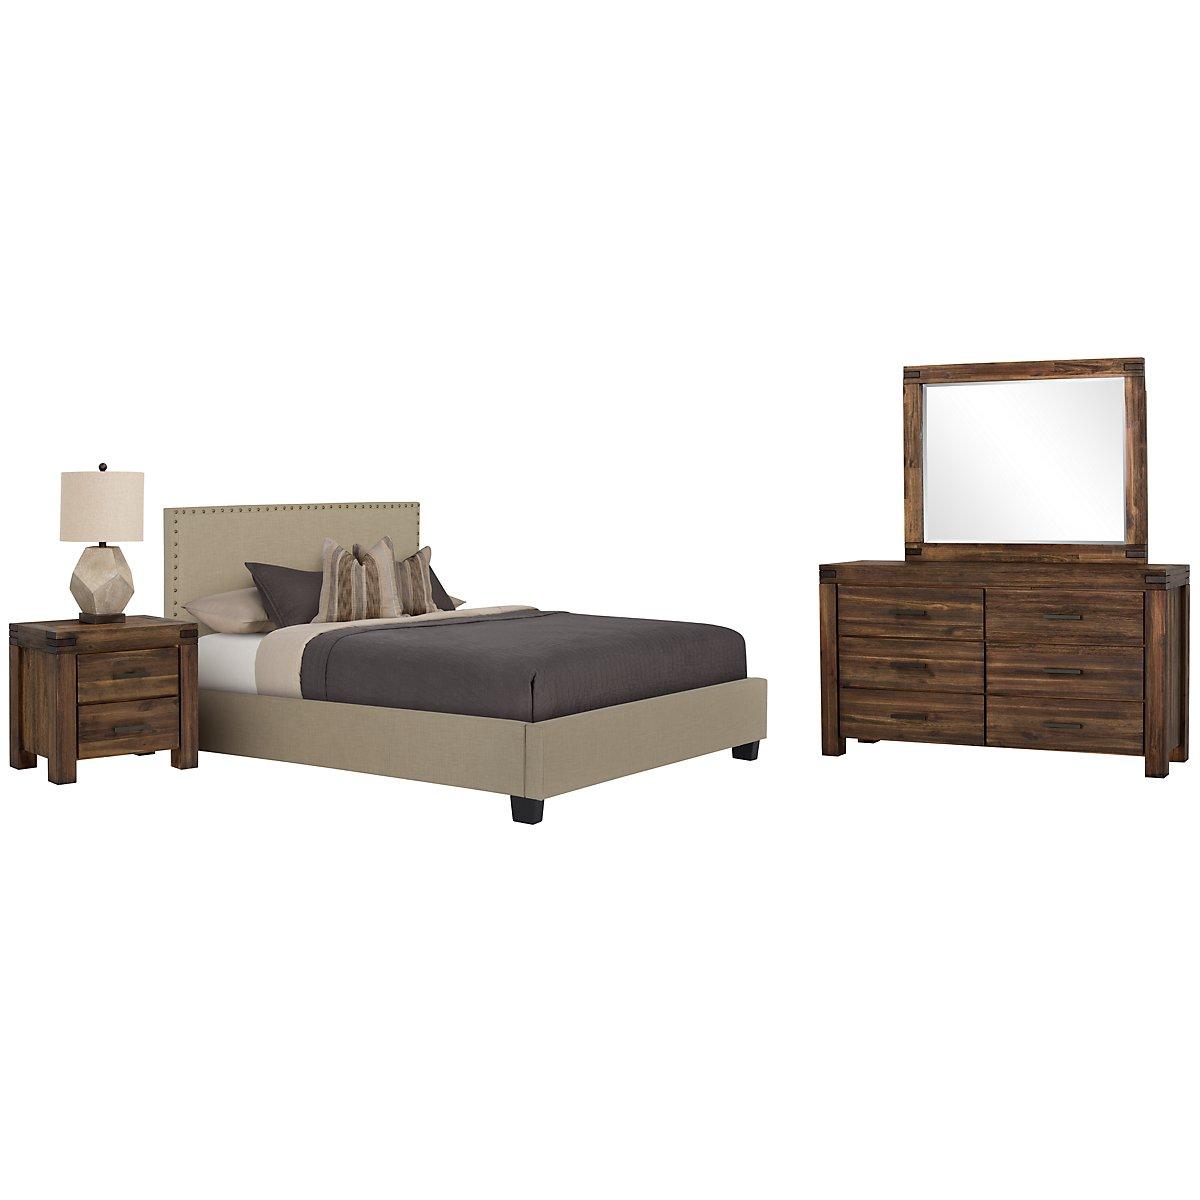 Holden Taupe Upholstered Platform Bedroom